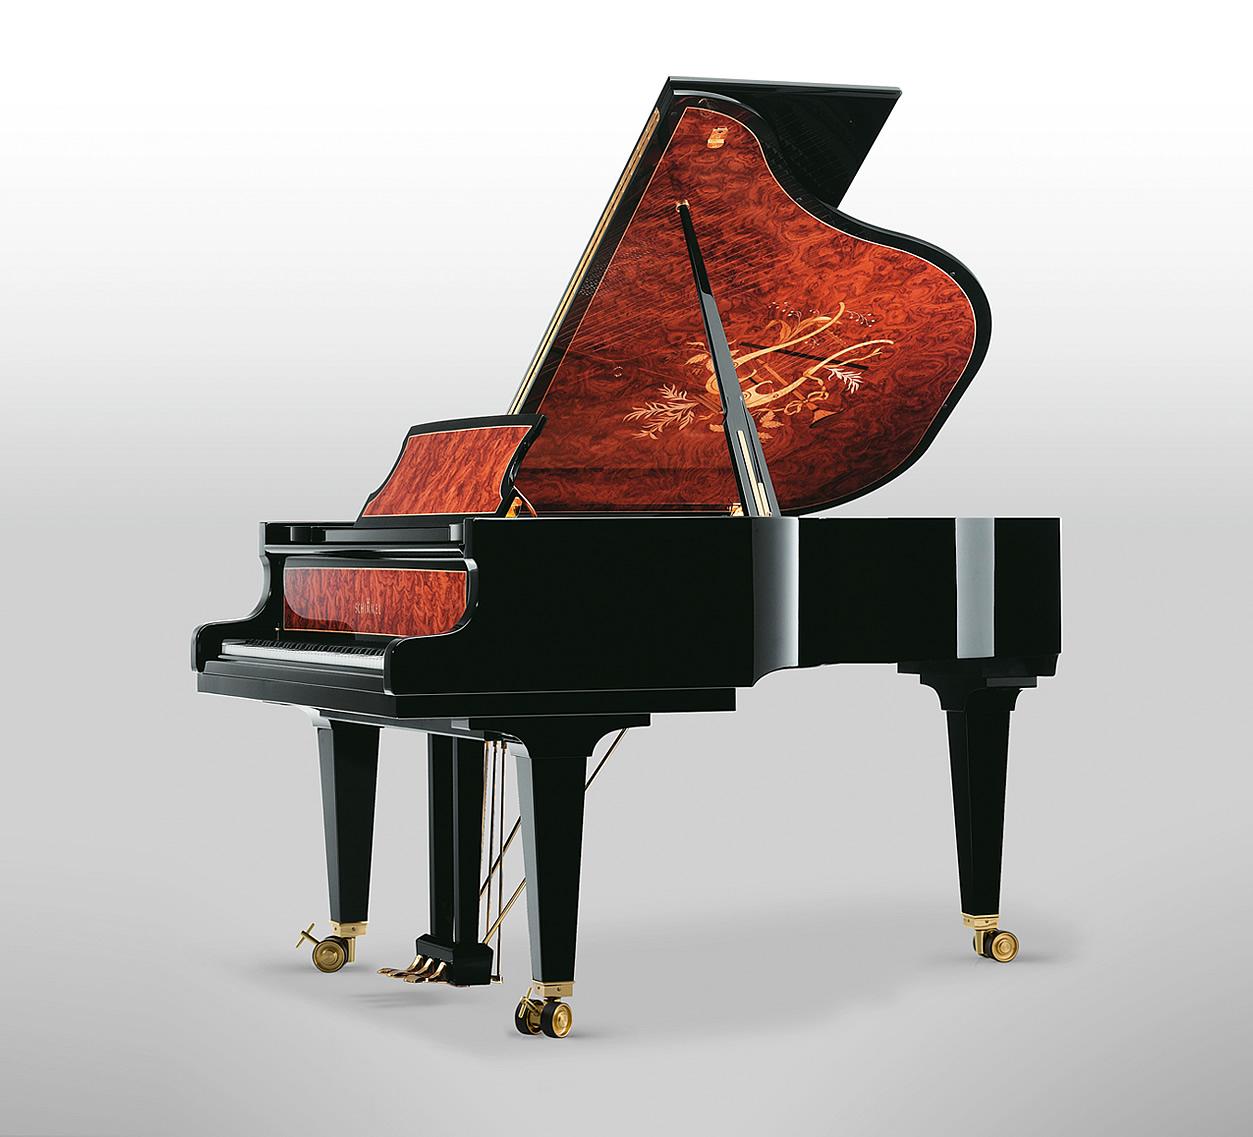 Main Gallery Image: Schimmel Meisterstück piano models.